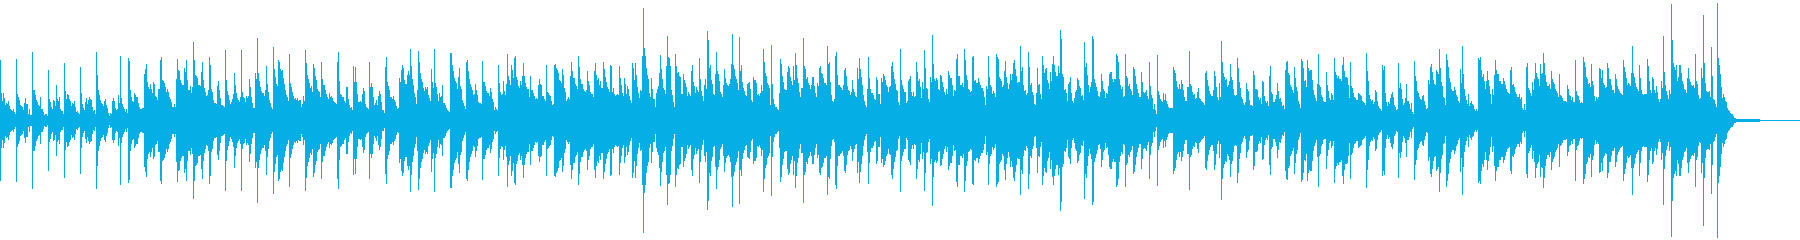 ヴァイブが奏でる小粋なジャズナンバーの再生済みの波形